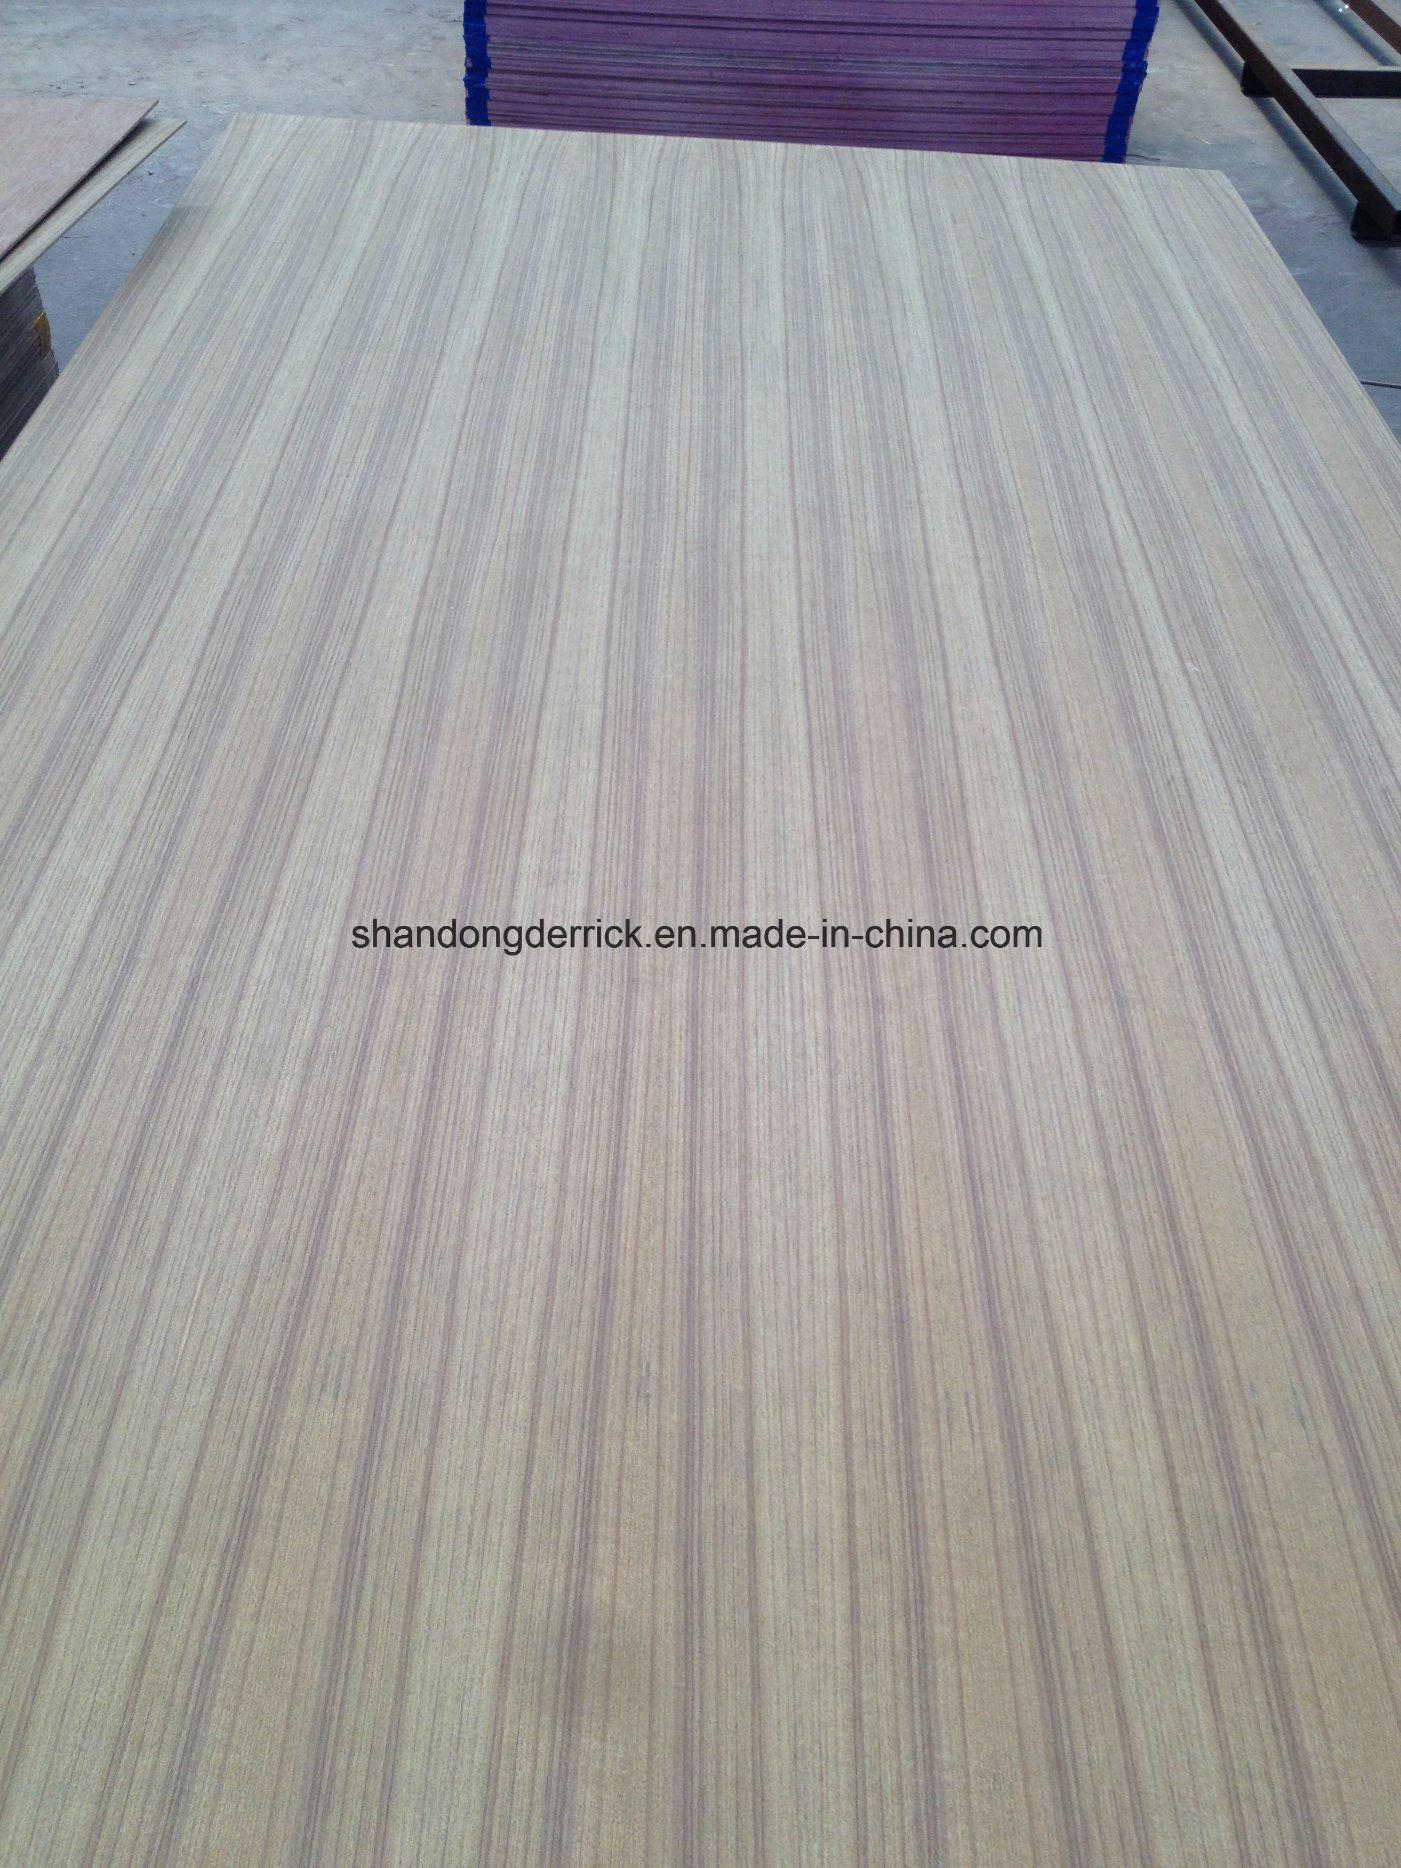 3.5mm AAA/ AA Grade Natural Teak Plywood /Fancy Plywood/Brum Teak/